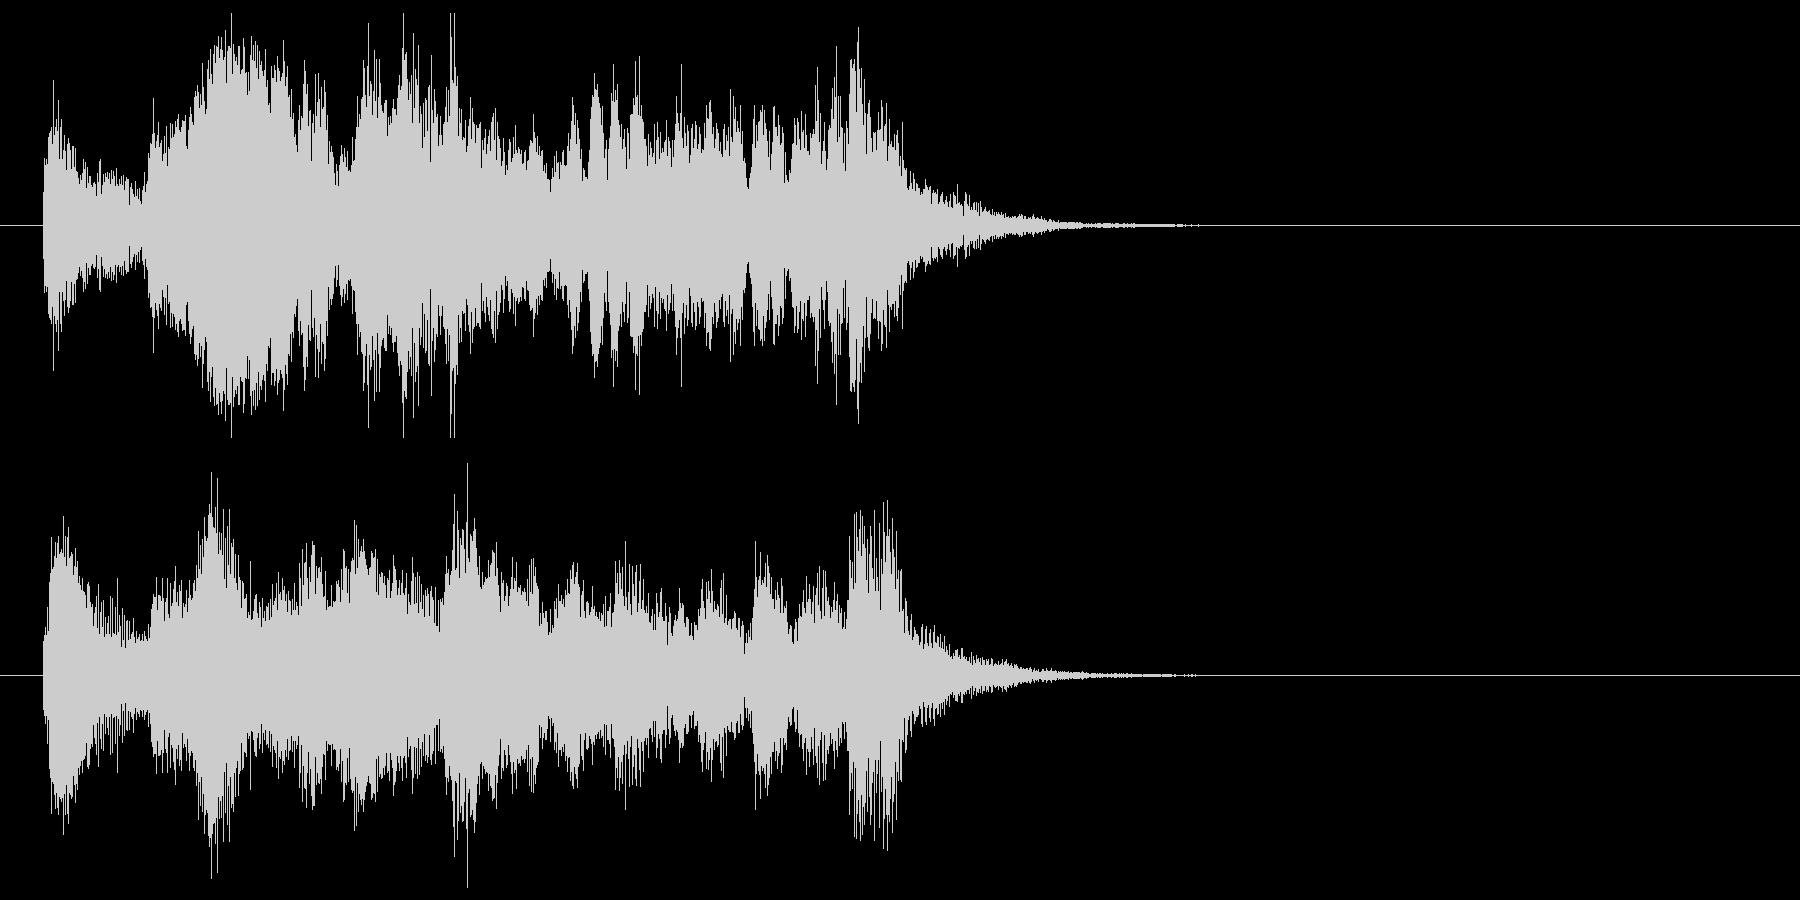 ストリングスとマリンバのジングルの未再生の波形